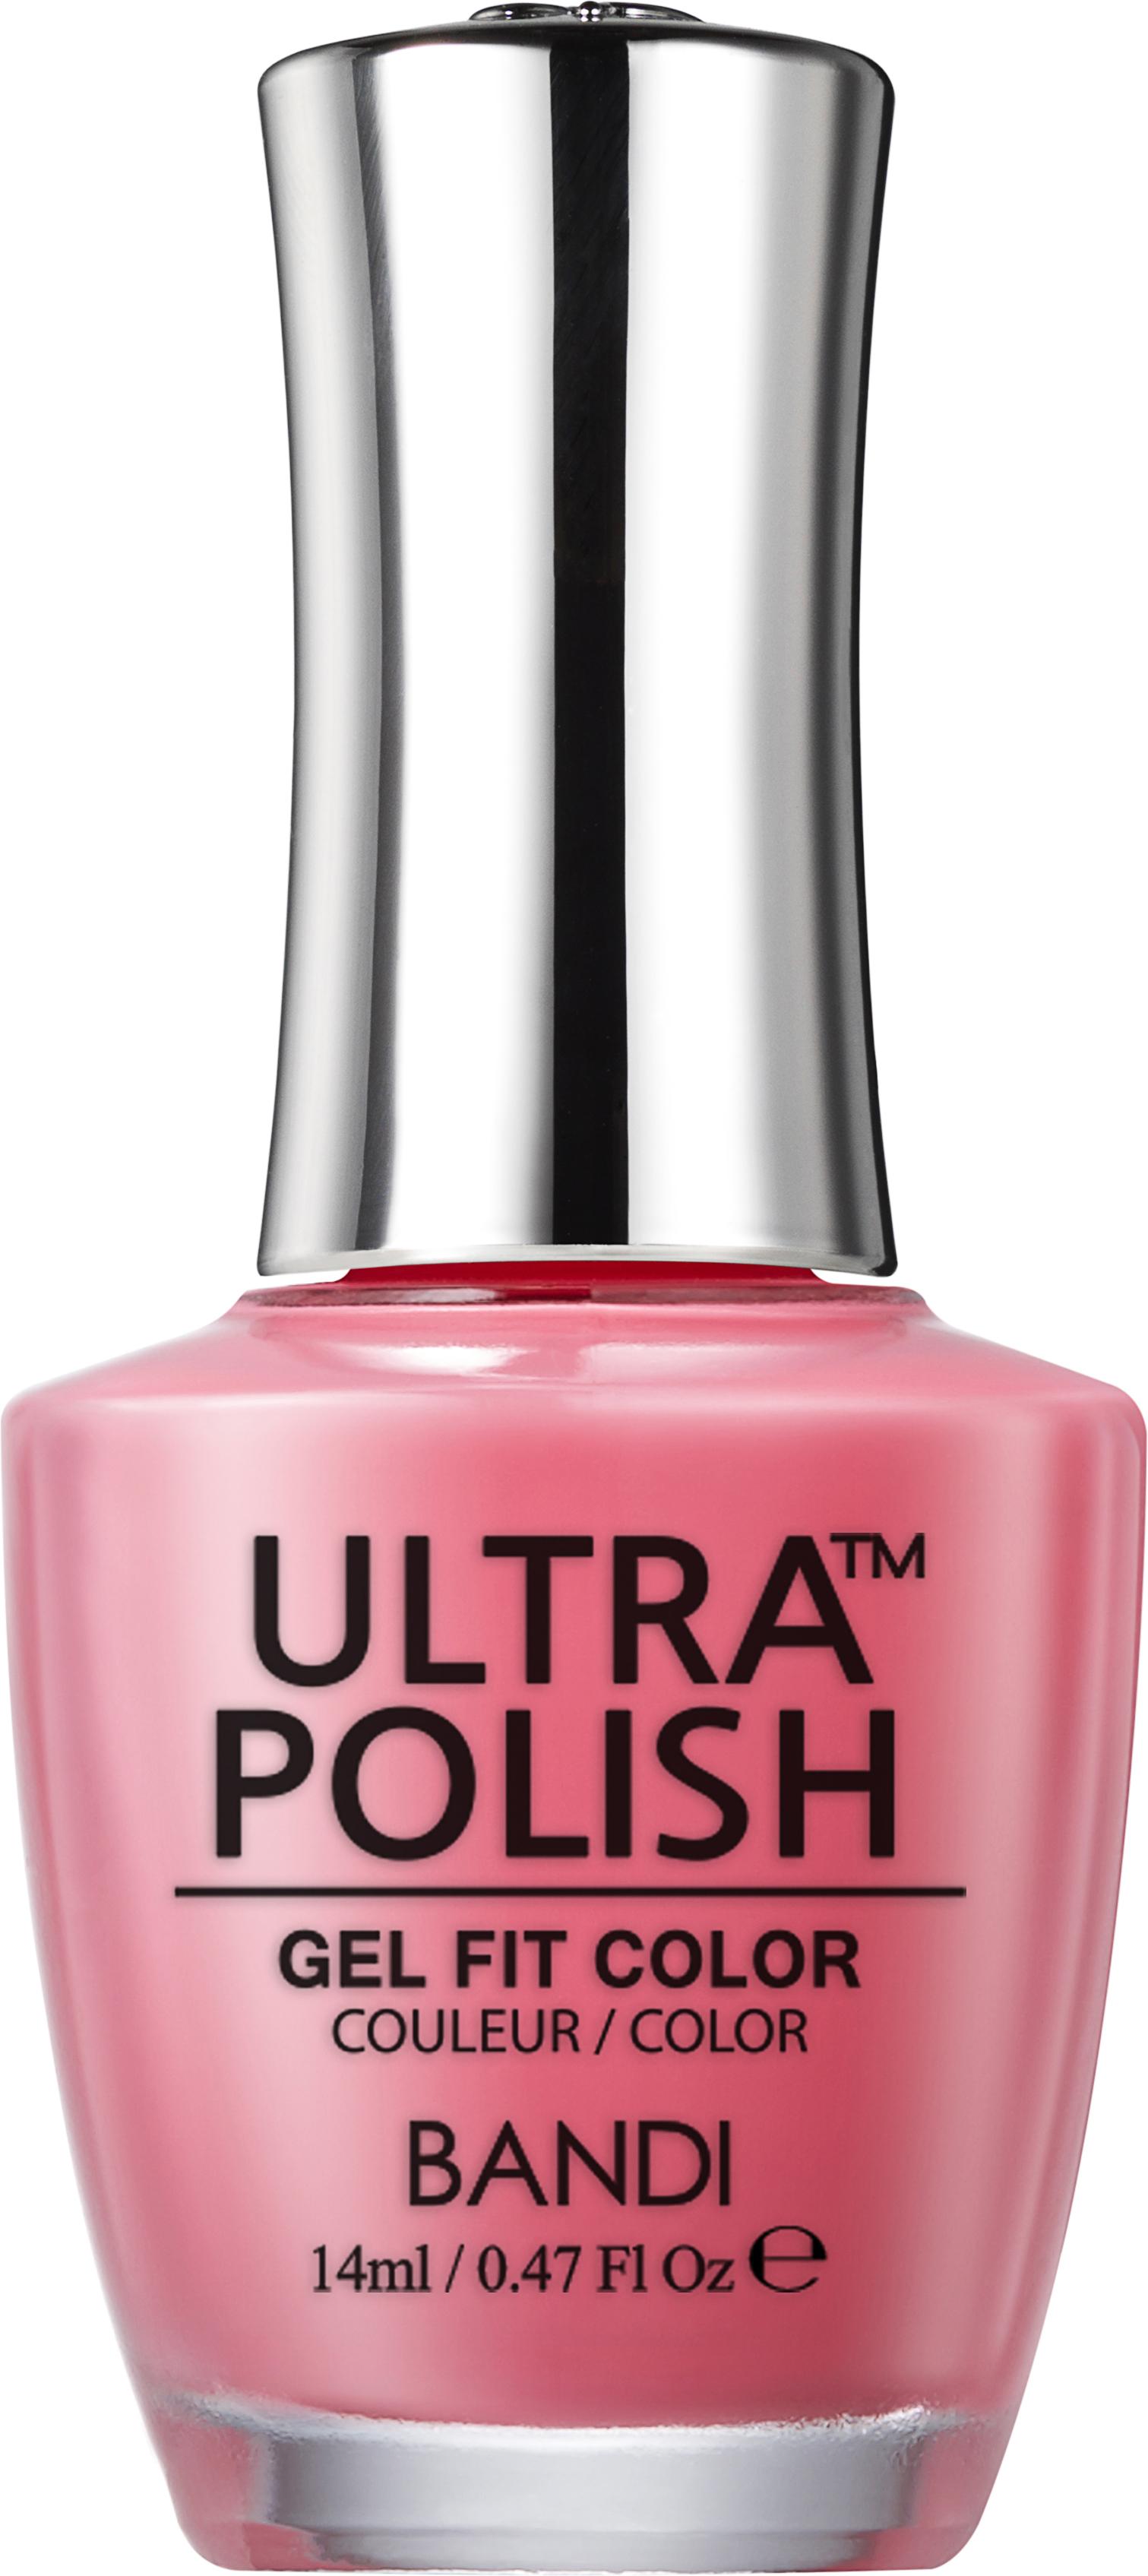 Купить BANDI UP104 ультра-покрытие долговременное цветное для ногтей / ULTRA POLISH GEL FIT COLOR 14 мл, Розовые